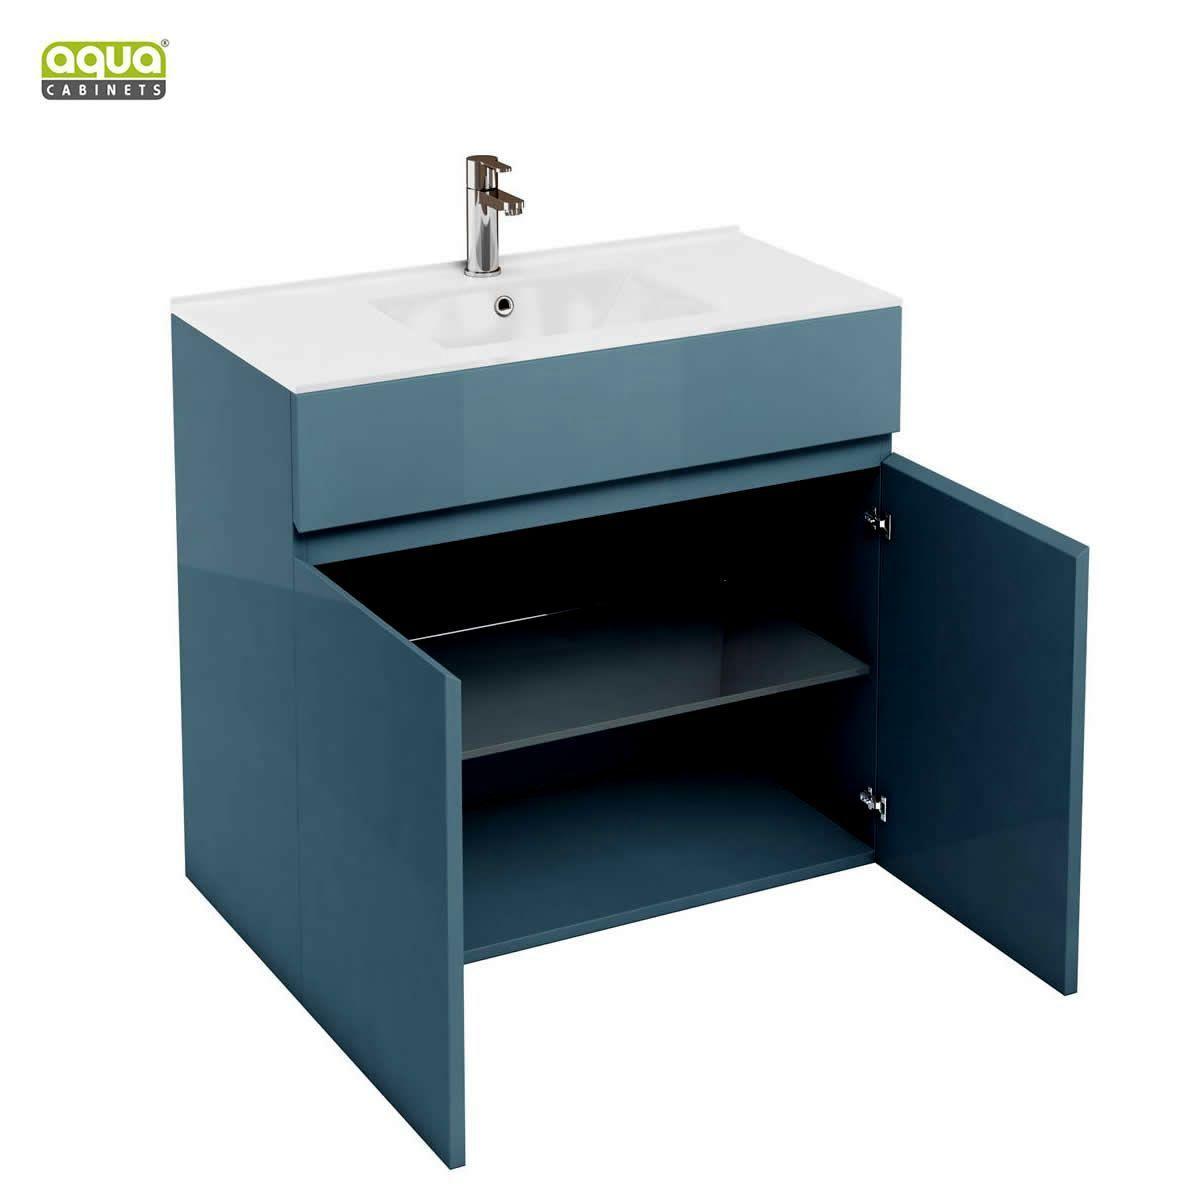 Aqua Cabinets D450 Two Door Bathroom Unit With 900mm Basin